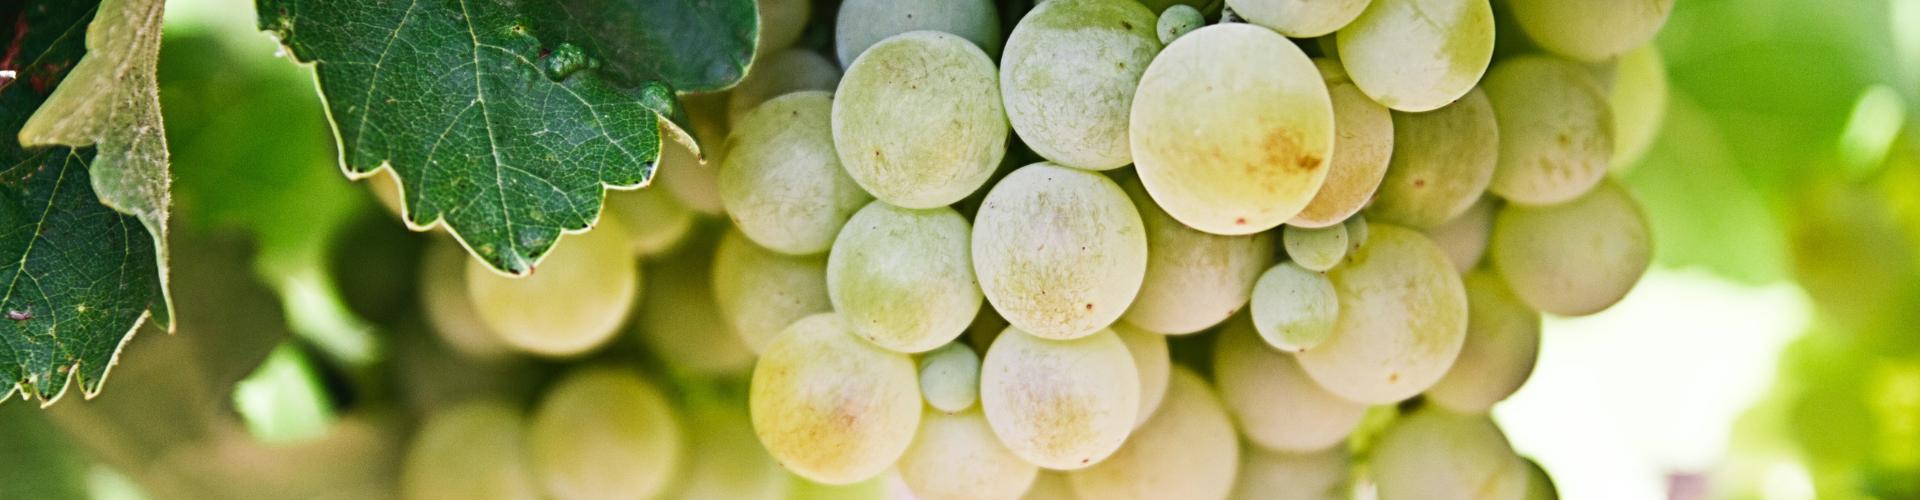 grappolo di uva bianca